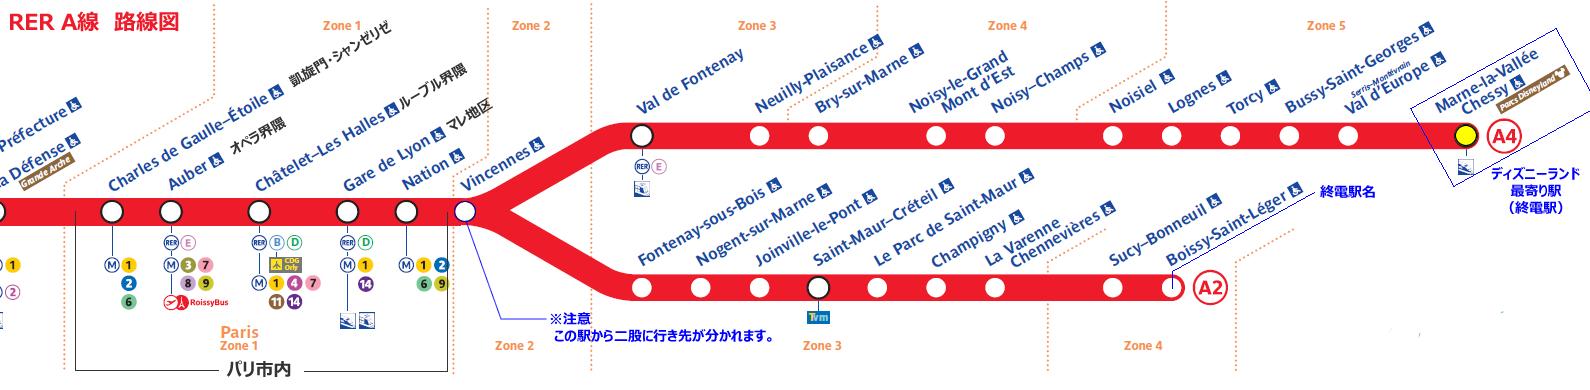 ディズニーランド・パリ,パリのディズニーランド行き方,ディズニーランド・パリの情報,ディズニーランド・パリのチケット購入,ディズニーランド・パリ入場料,ディズニーランド・パリのガイド,,ディズニーランド・パリ周辺マップ,パリ電車路線図,ディズニーランド・パリ電車路線図